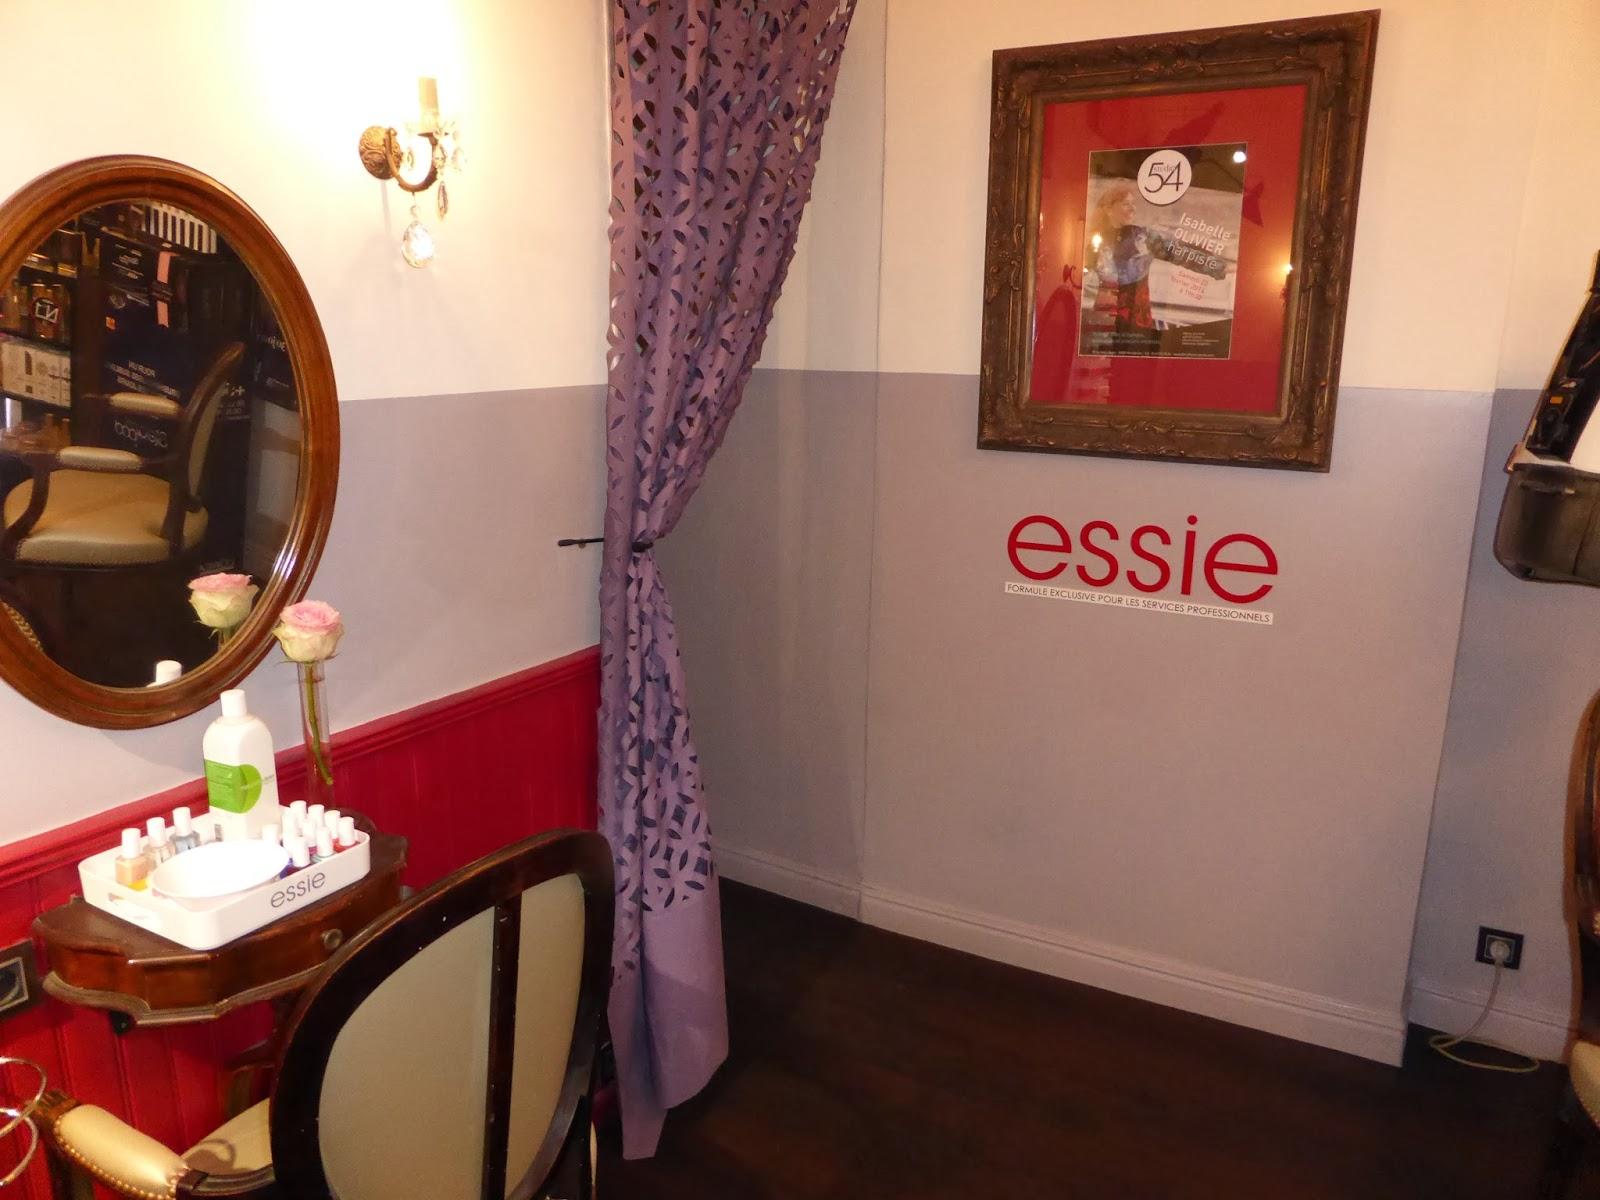 Mise à disposition du nécessaire pour réaliser votre manucure et pose de verni de la marque Essie lors de vos rendez-vous couleur, mèches, balayage, permanentes ou lissage.